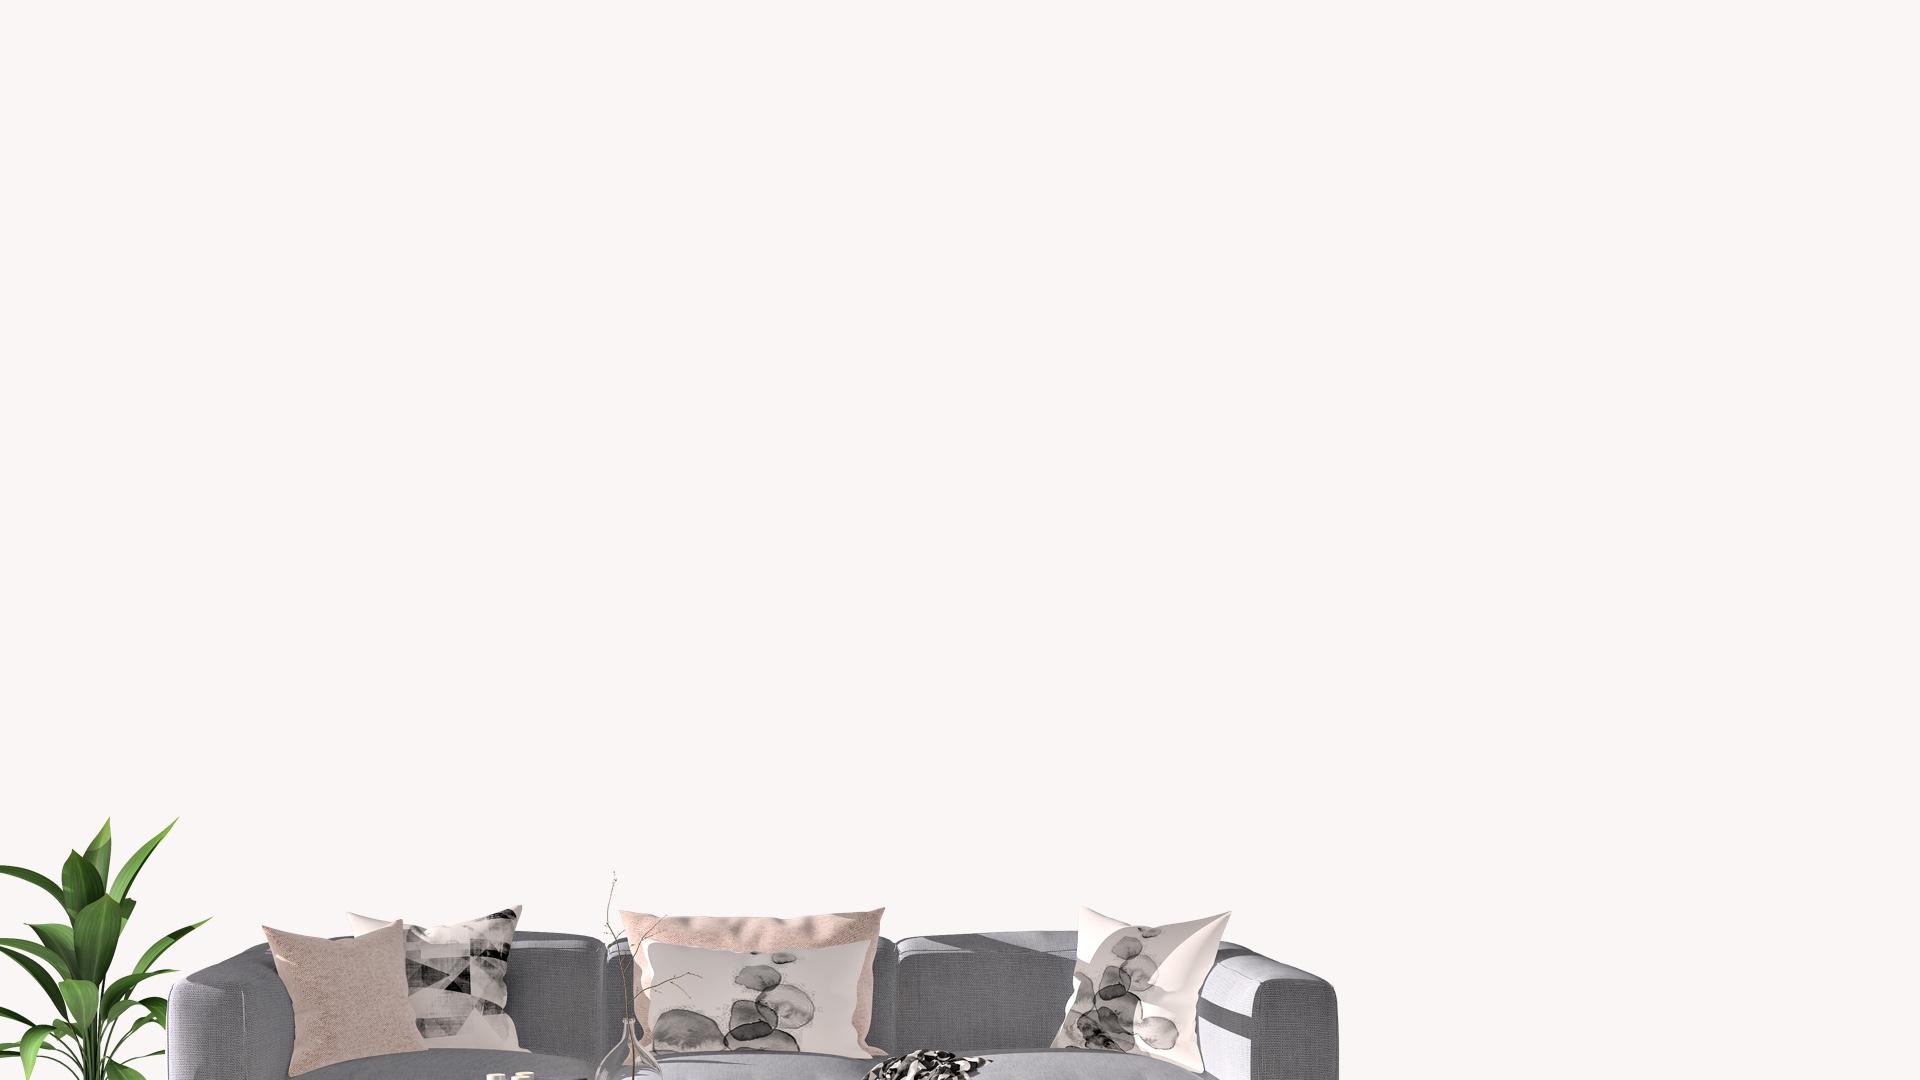 グレーのソファーと観葉植物